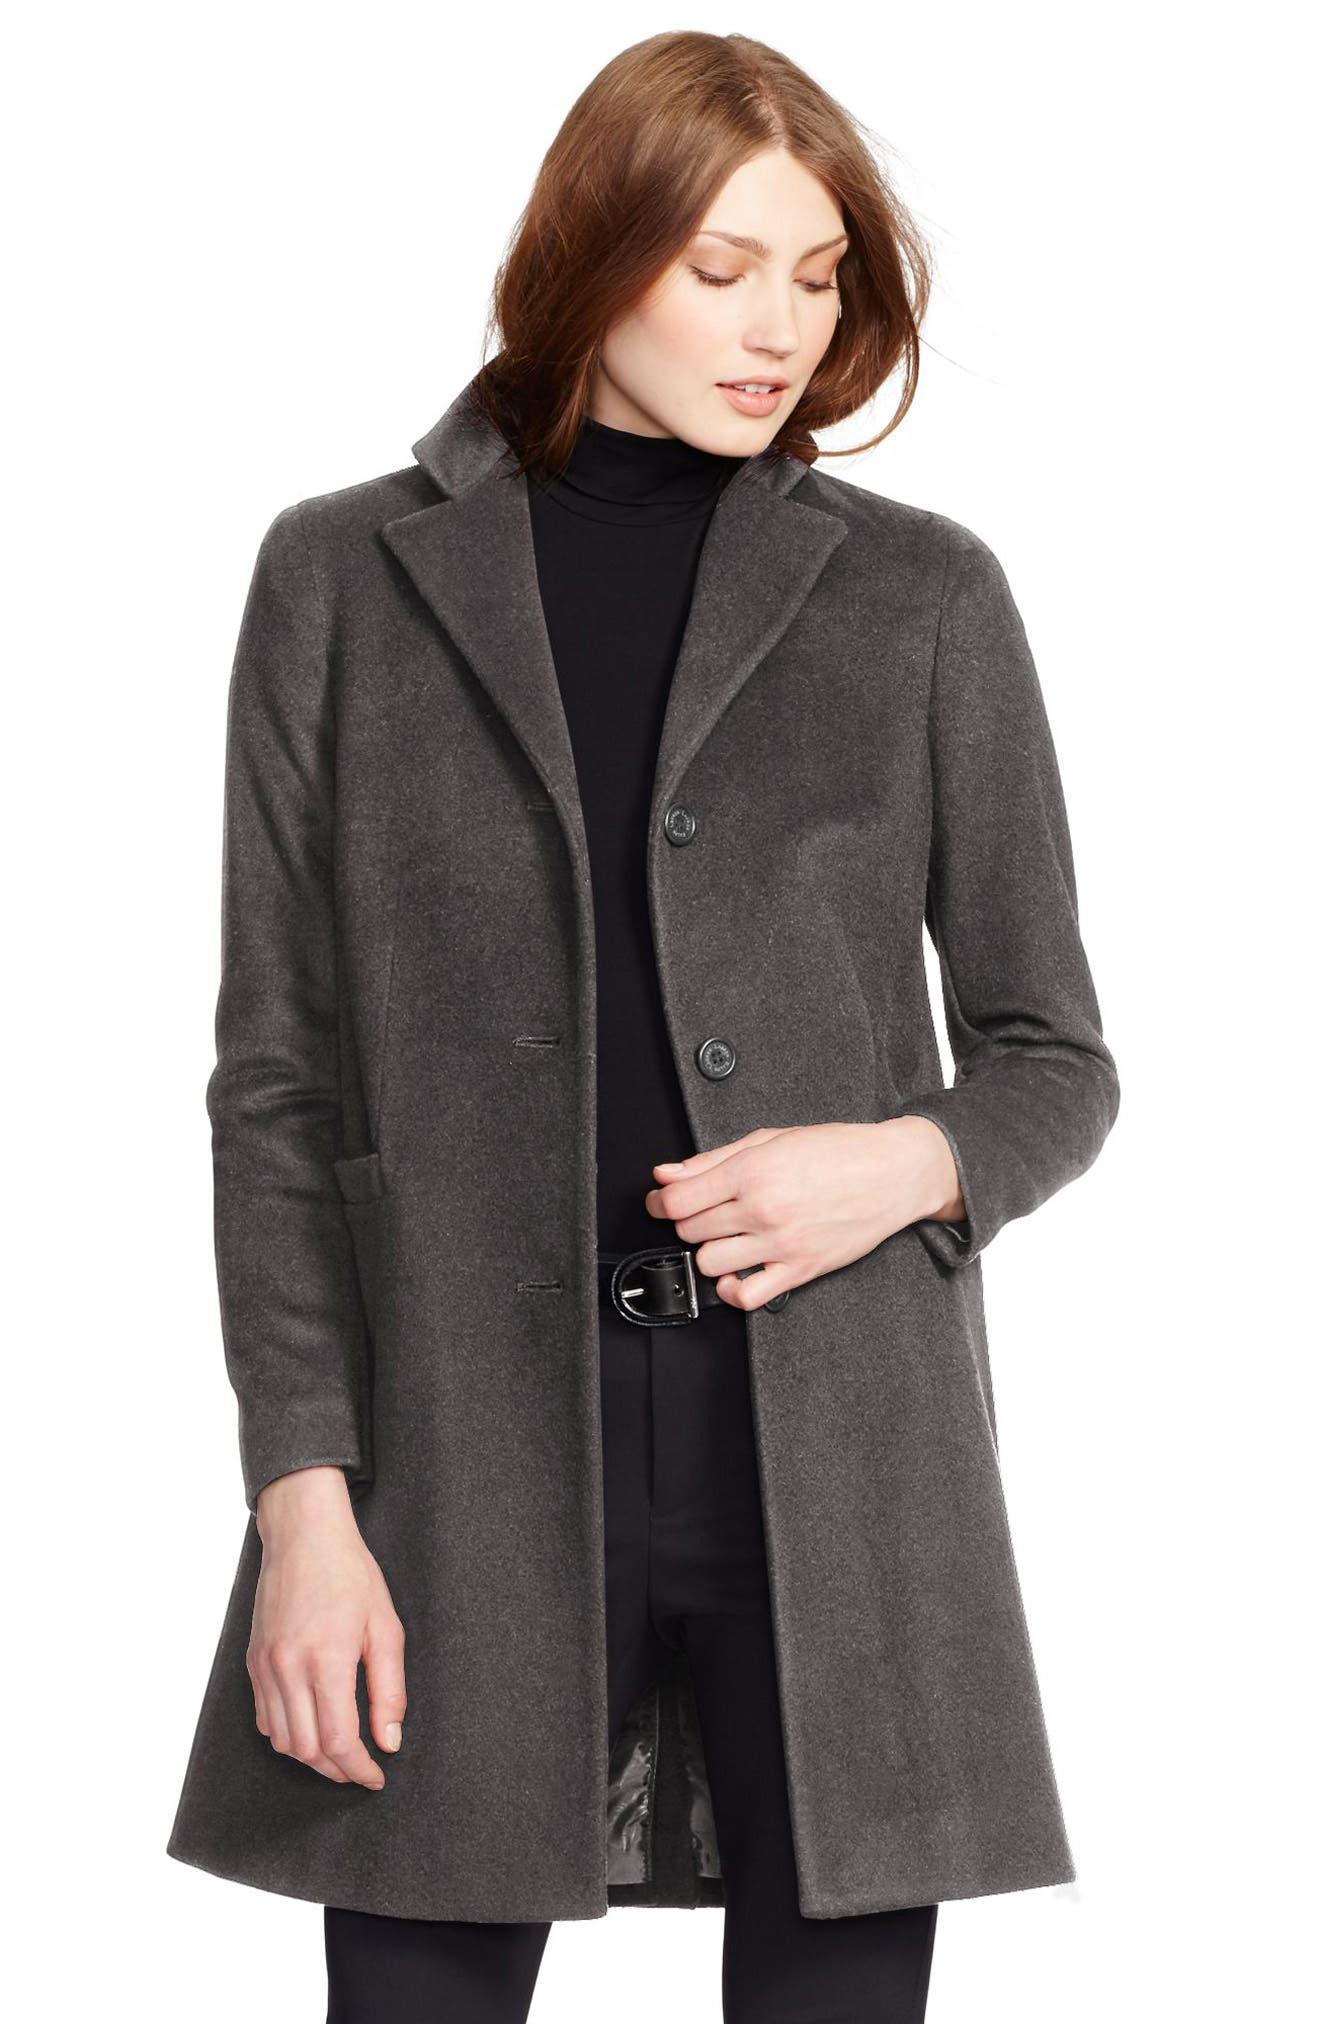 Womens winter coats below zero